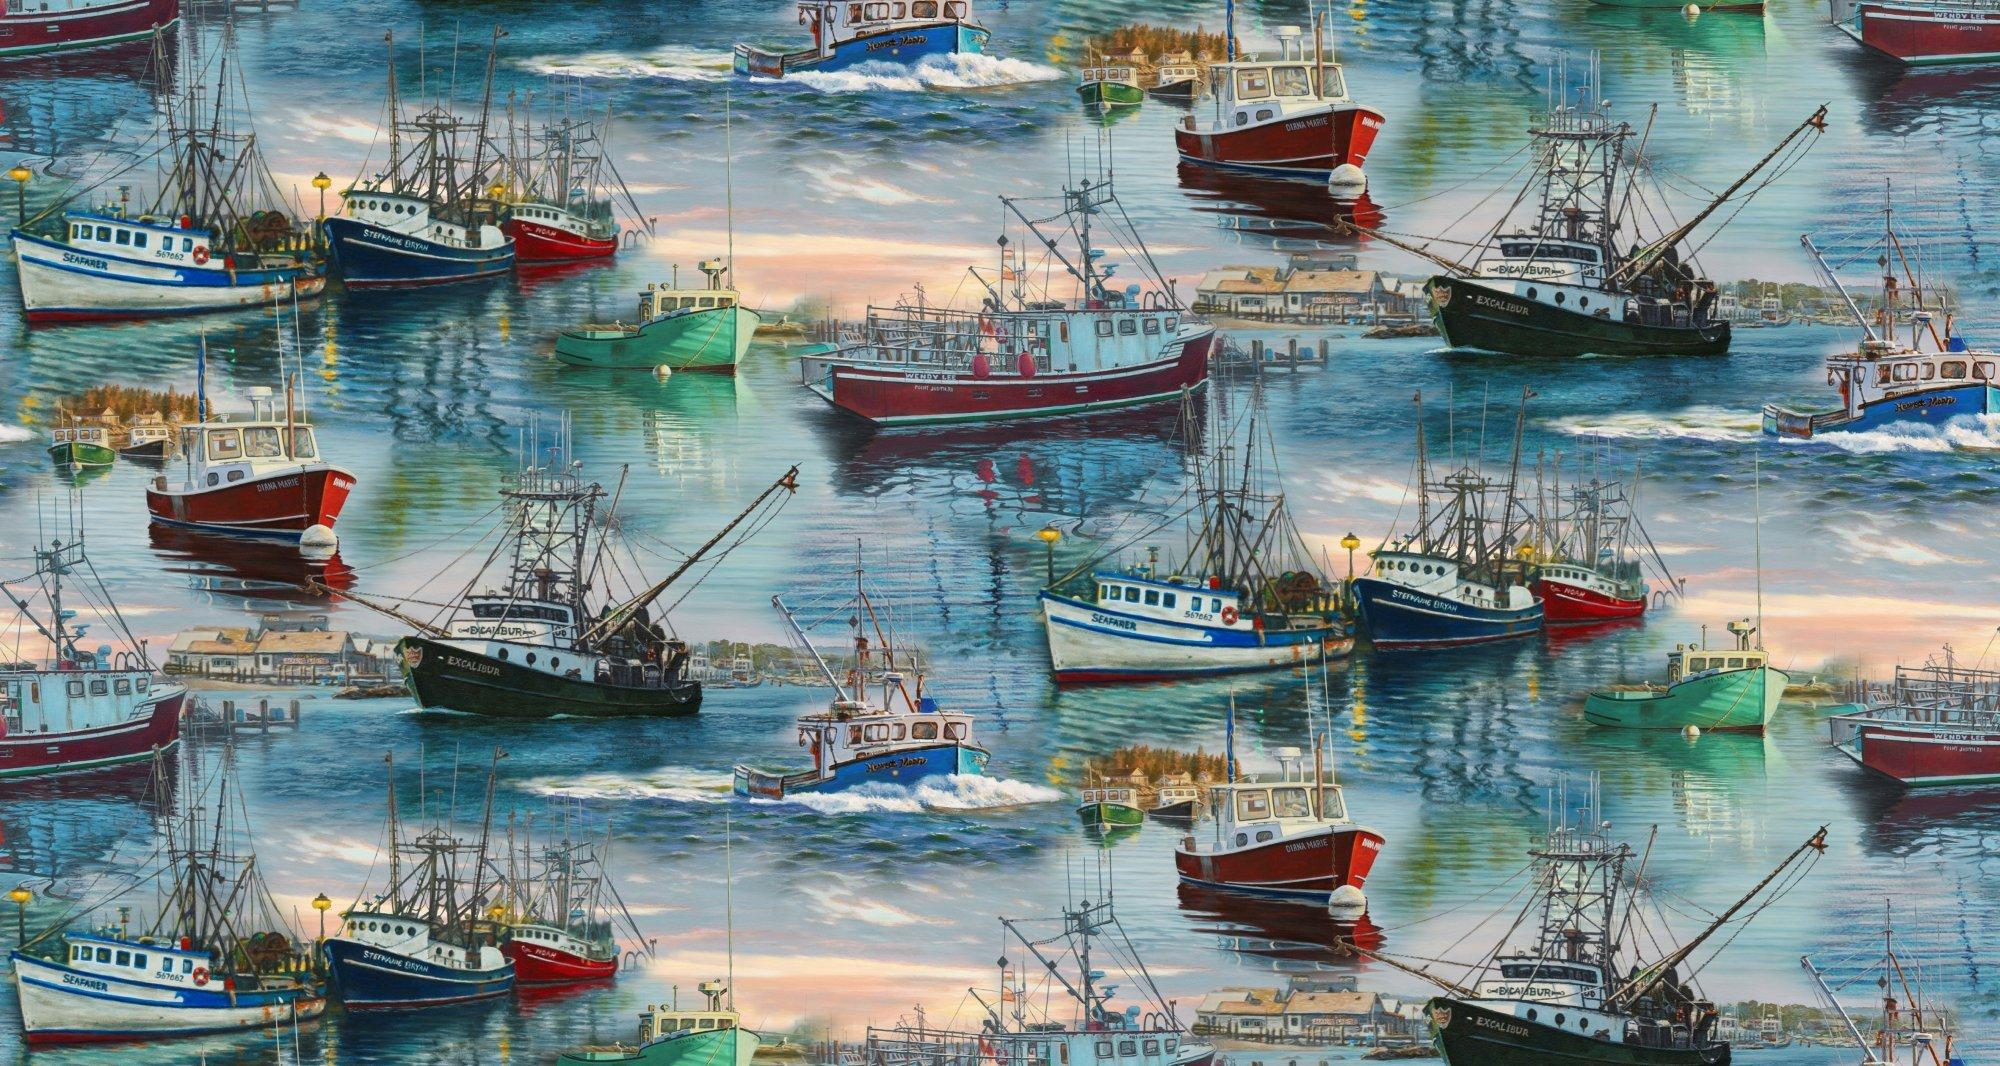 At the Harbor 3393 Fishing Boats